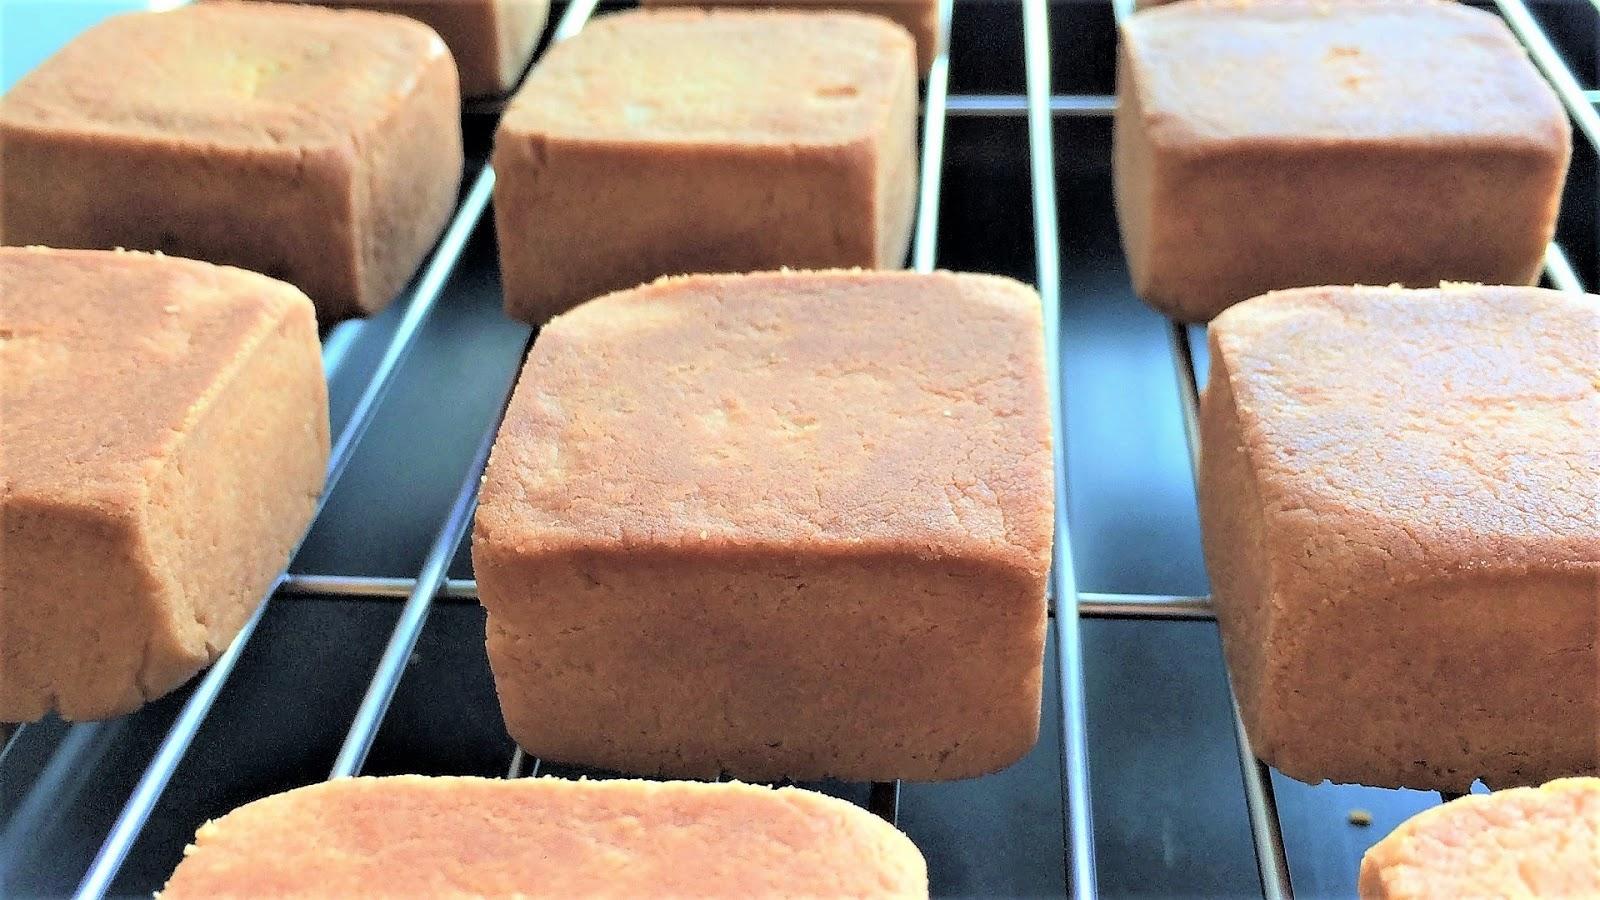 教大家如何以台灣市佔率最高的金鑽鳳梨(纖維較細)製作內餡,搭配天然奶油做成的酥皮,在家自製純正、天然又超酥軟的鳳梨酥